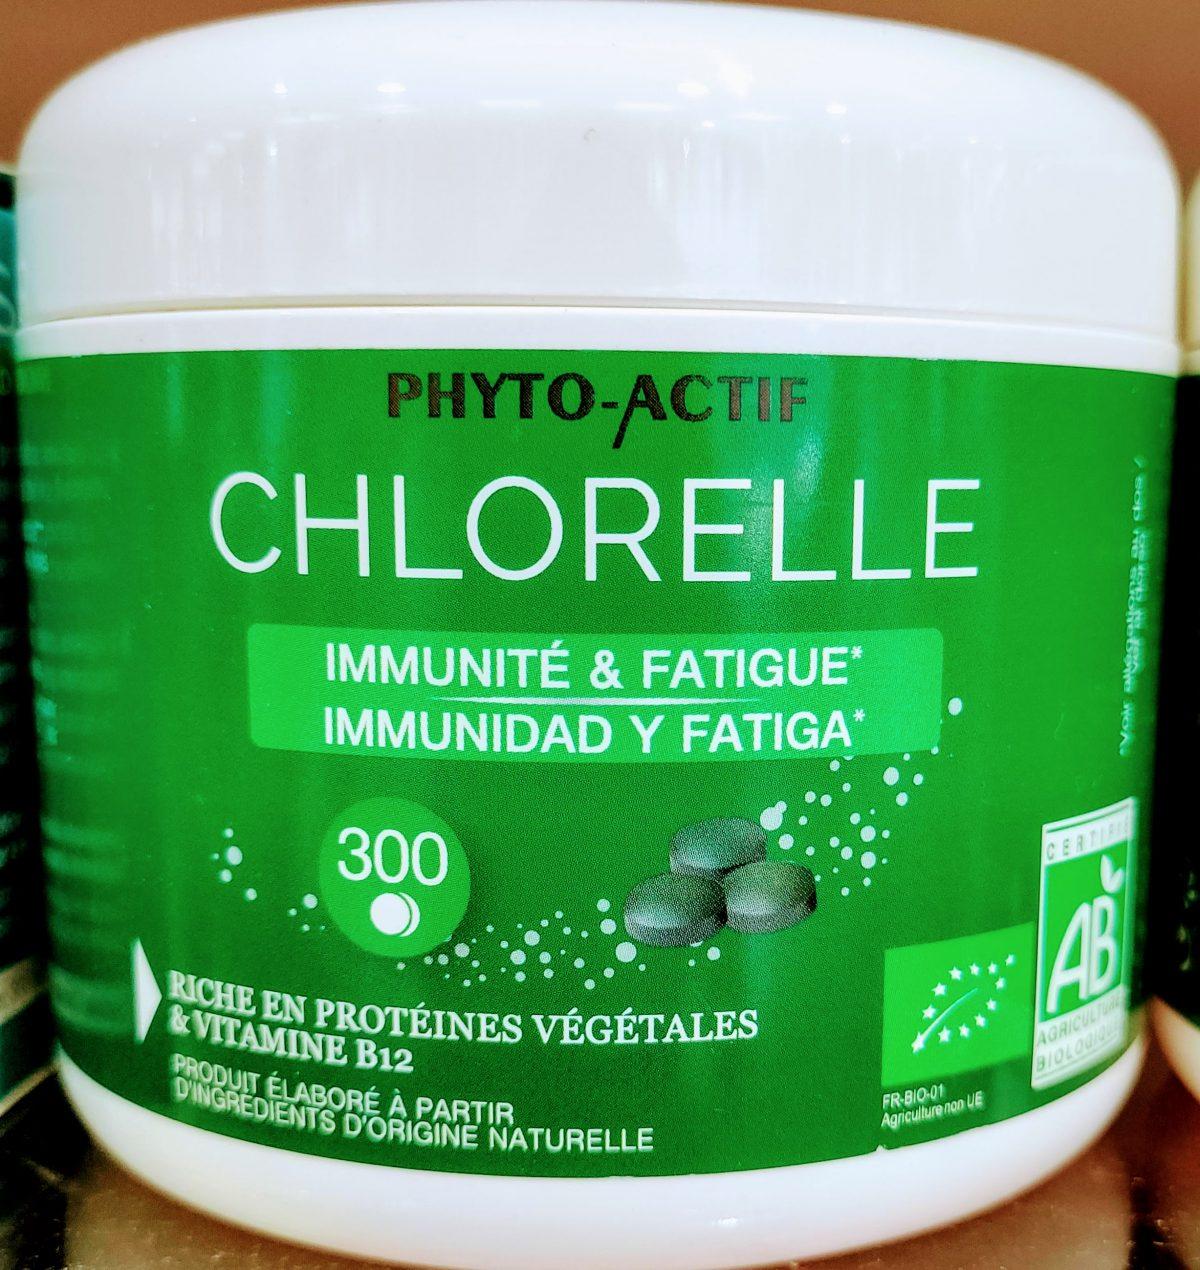 La chlorella Phyto-Actif proteínas vitaminas y nutrientes vitaminas B12 B9 y betacaroteno (provitamina A) contribuyen al sistema inmunitario y reducir cansancio